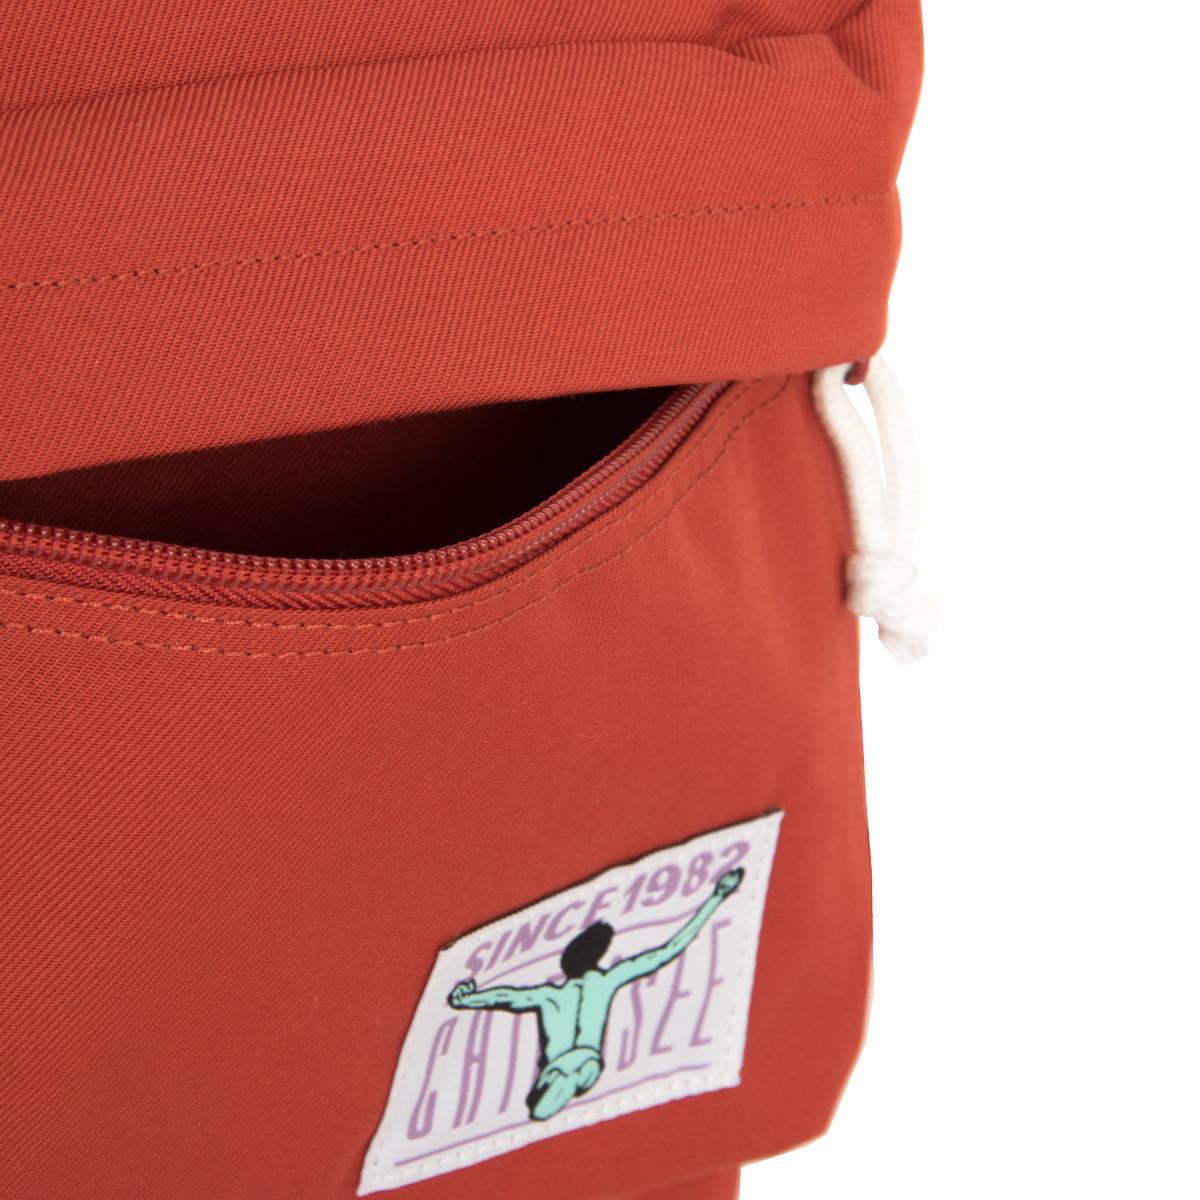 Chiemsee Riga backpack Bossa nova Originálny retro batoh z roku 1982 v modernom prevedení.